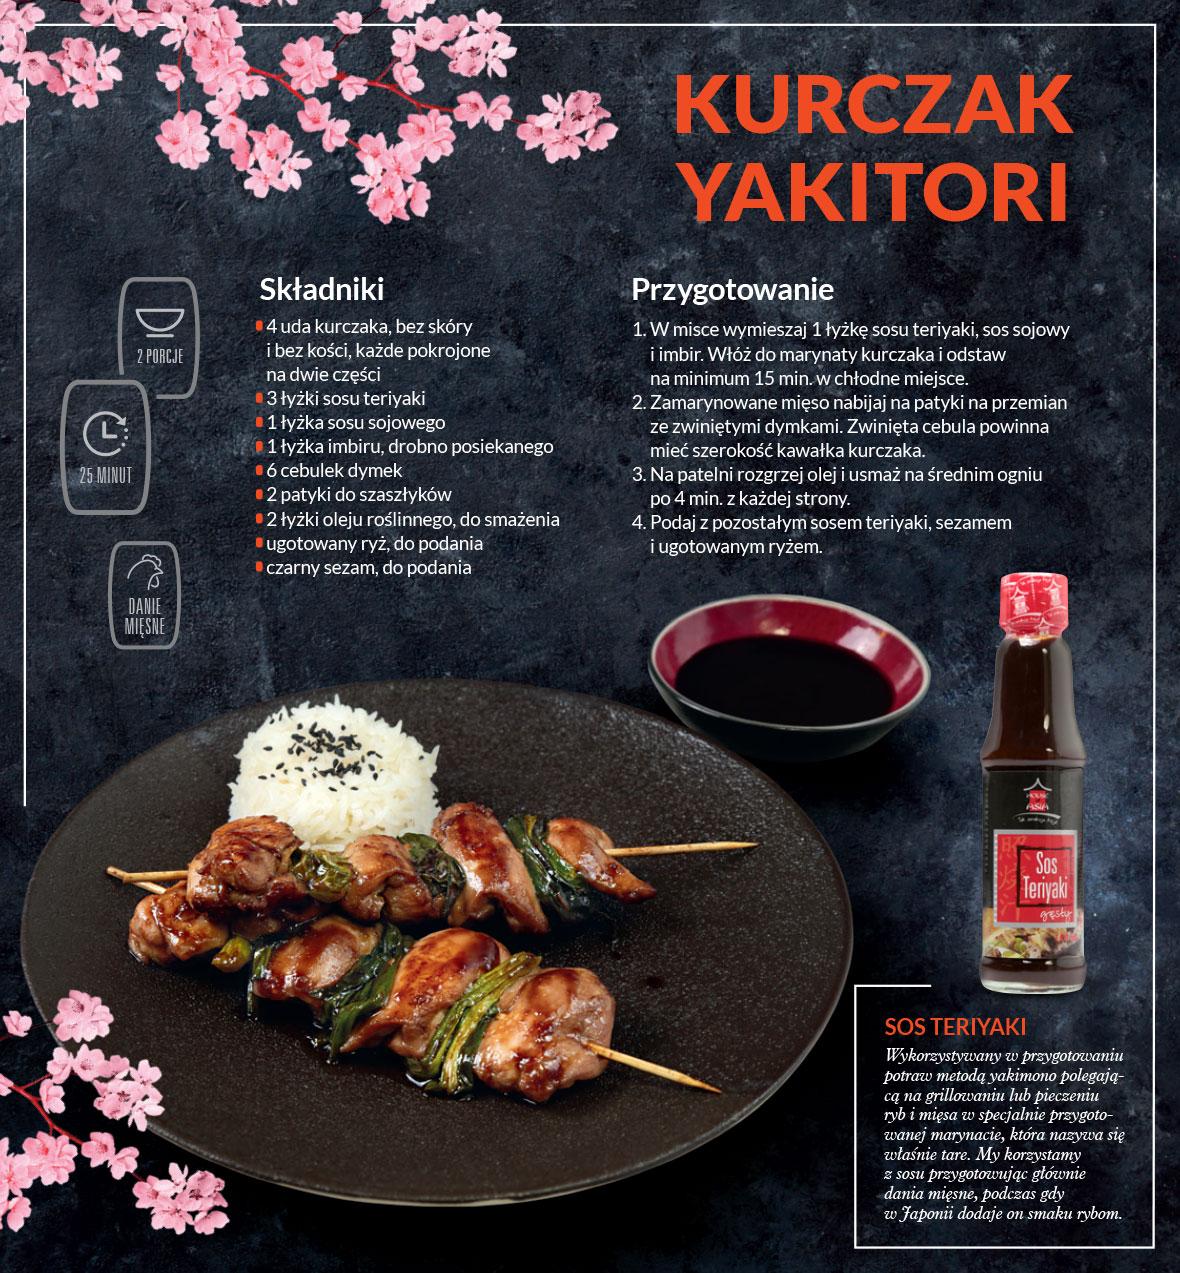 Kurczak Yakitori